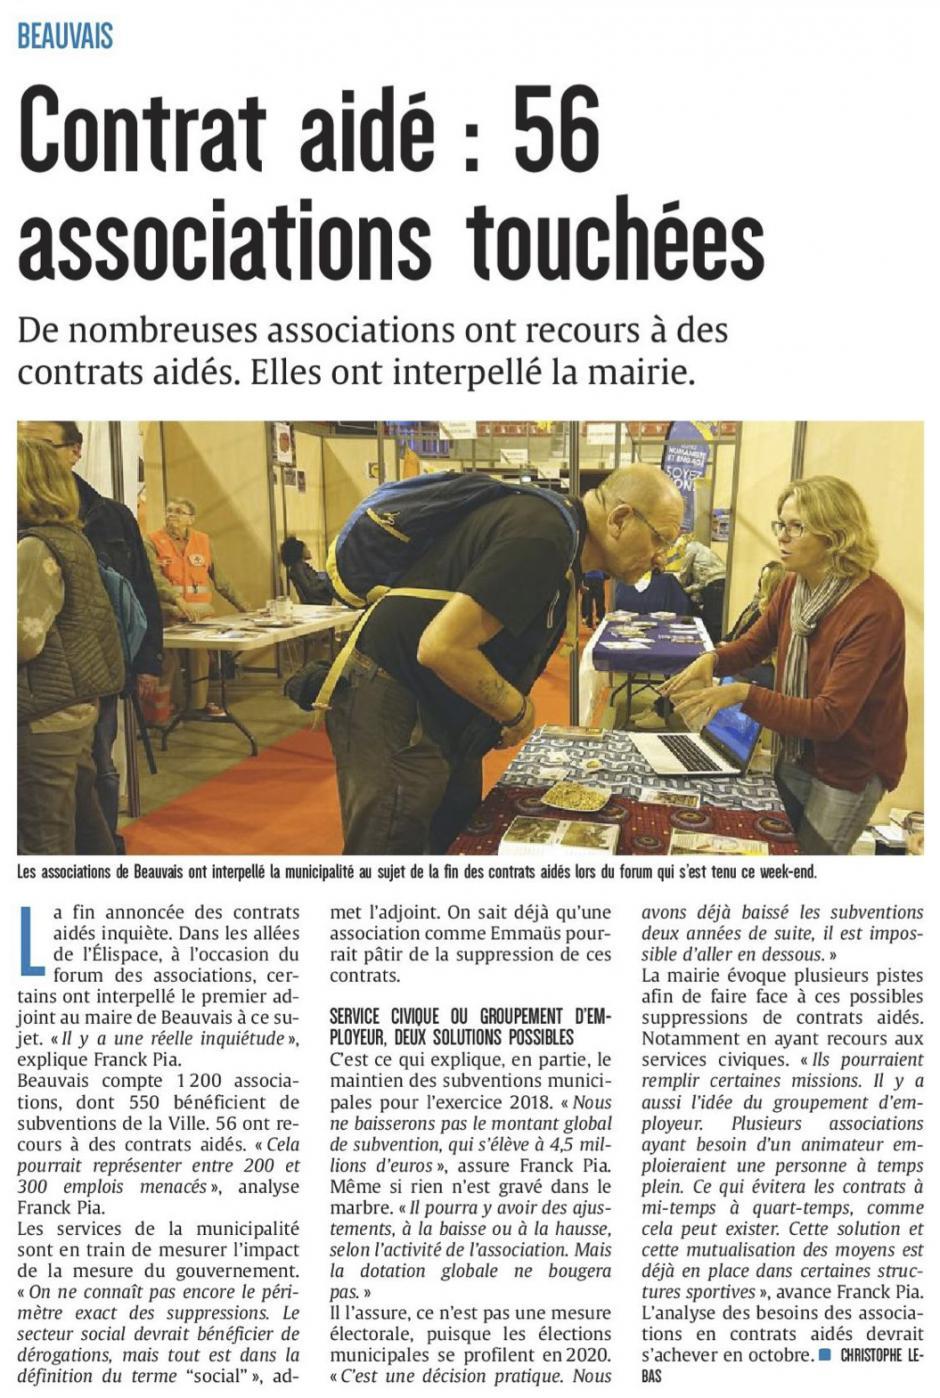 20170918-CP-Beauvais-Contrat aidé : 56 associations touchées